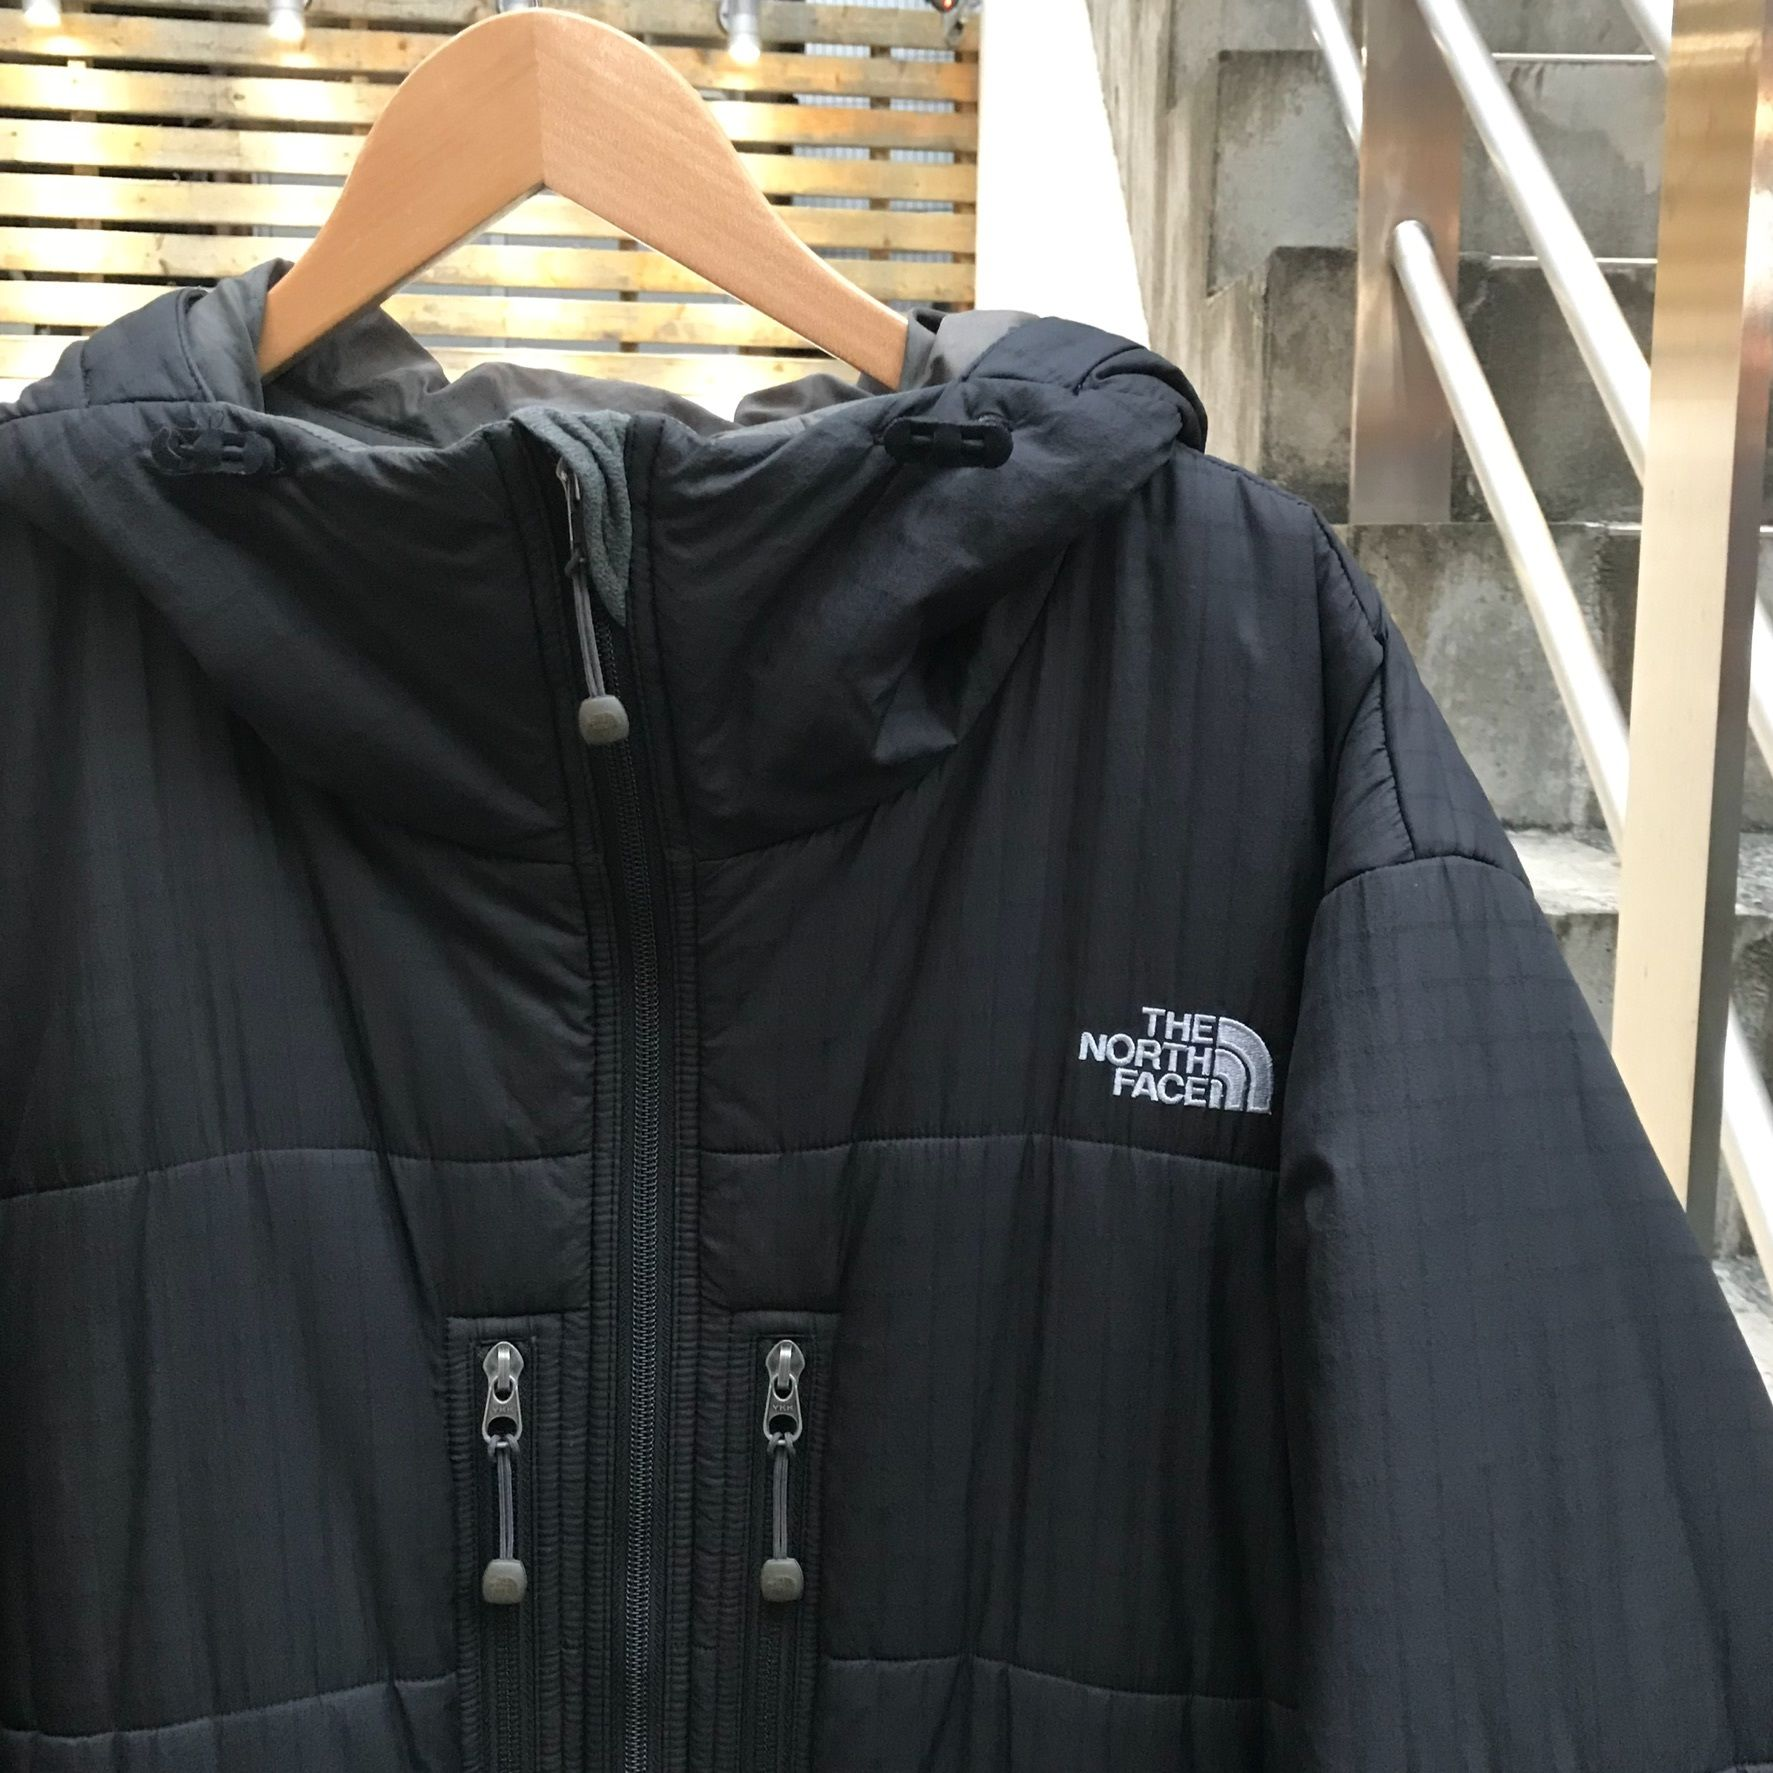 THE NORTHFACE/ノースフェイス 中綿フードジャケット 2000年前後 (USED)